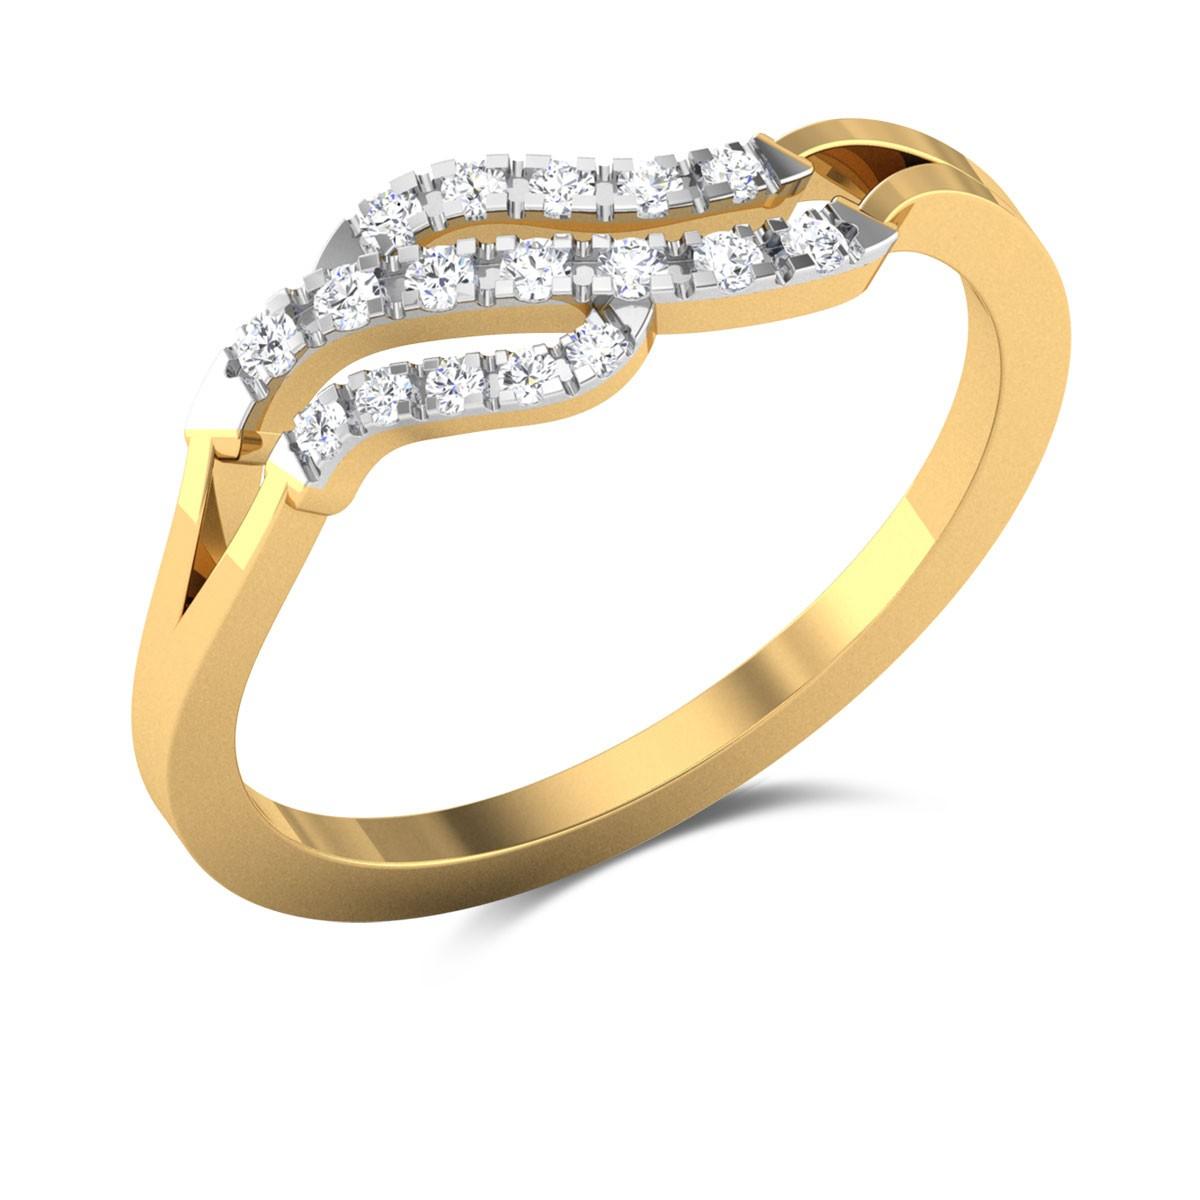 Trompe L'Oeil Diamond Ring